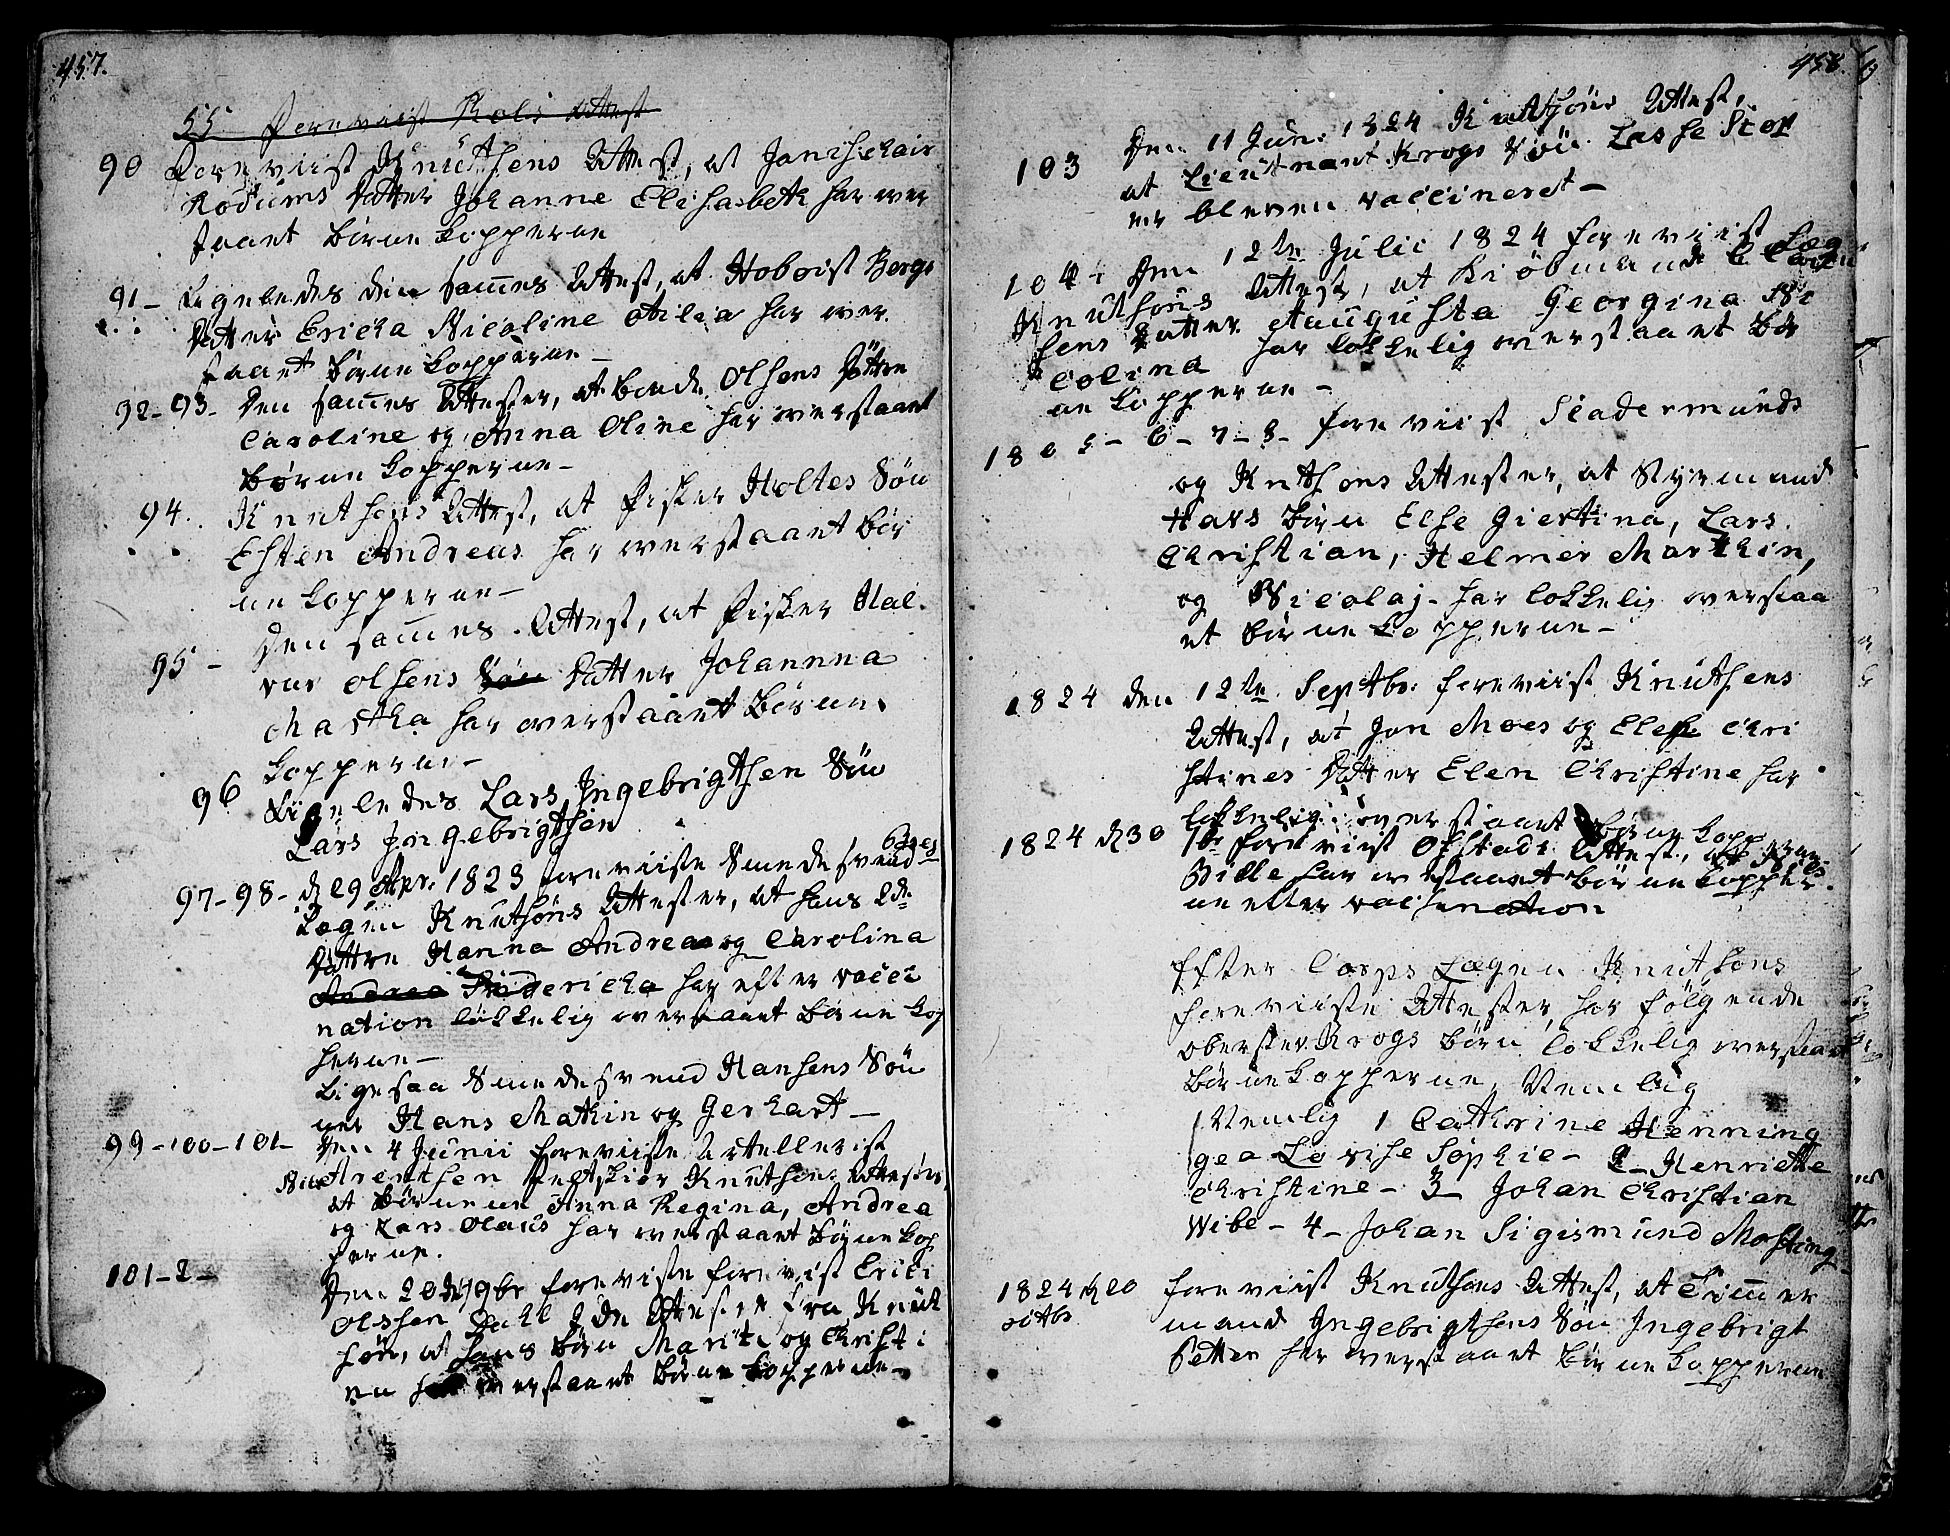 SAT, Ministerialprotokoller, klokkerbøker og fødselsregistre - Sør-Trøndelag, 601/L0042: Ministerialbok nr. 601A10, 1802-1830, s. 457-458